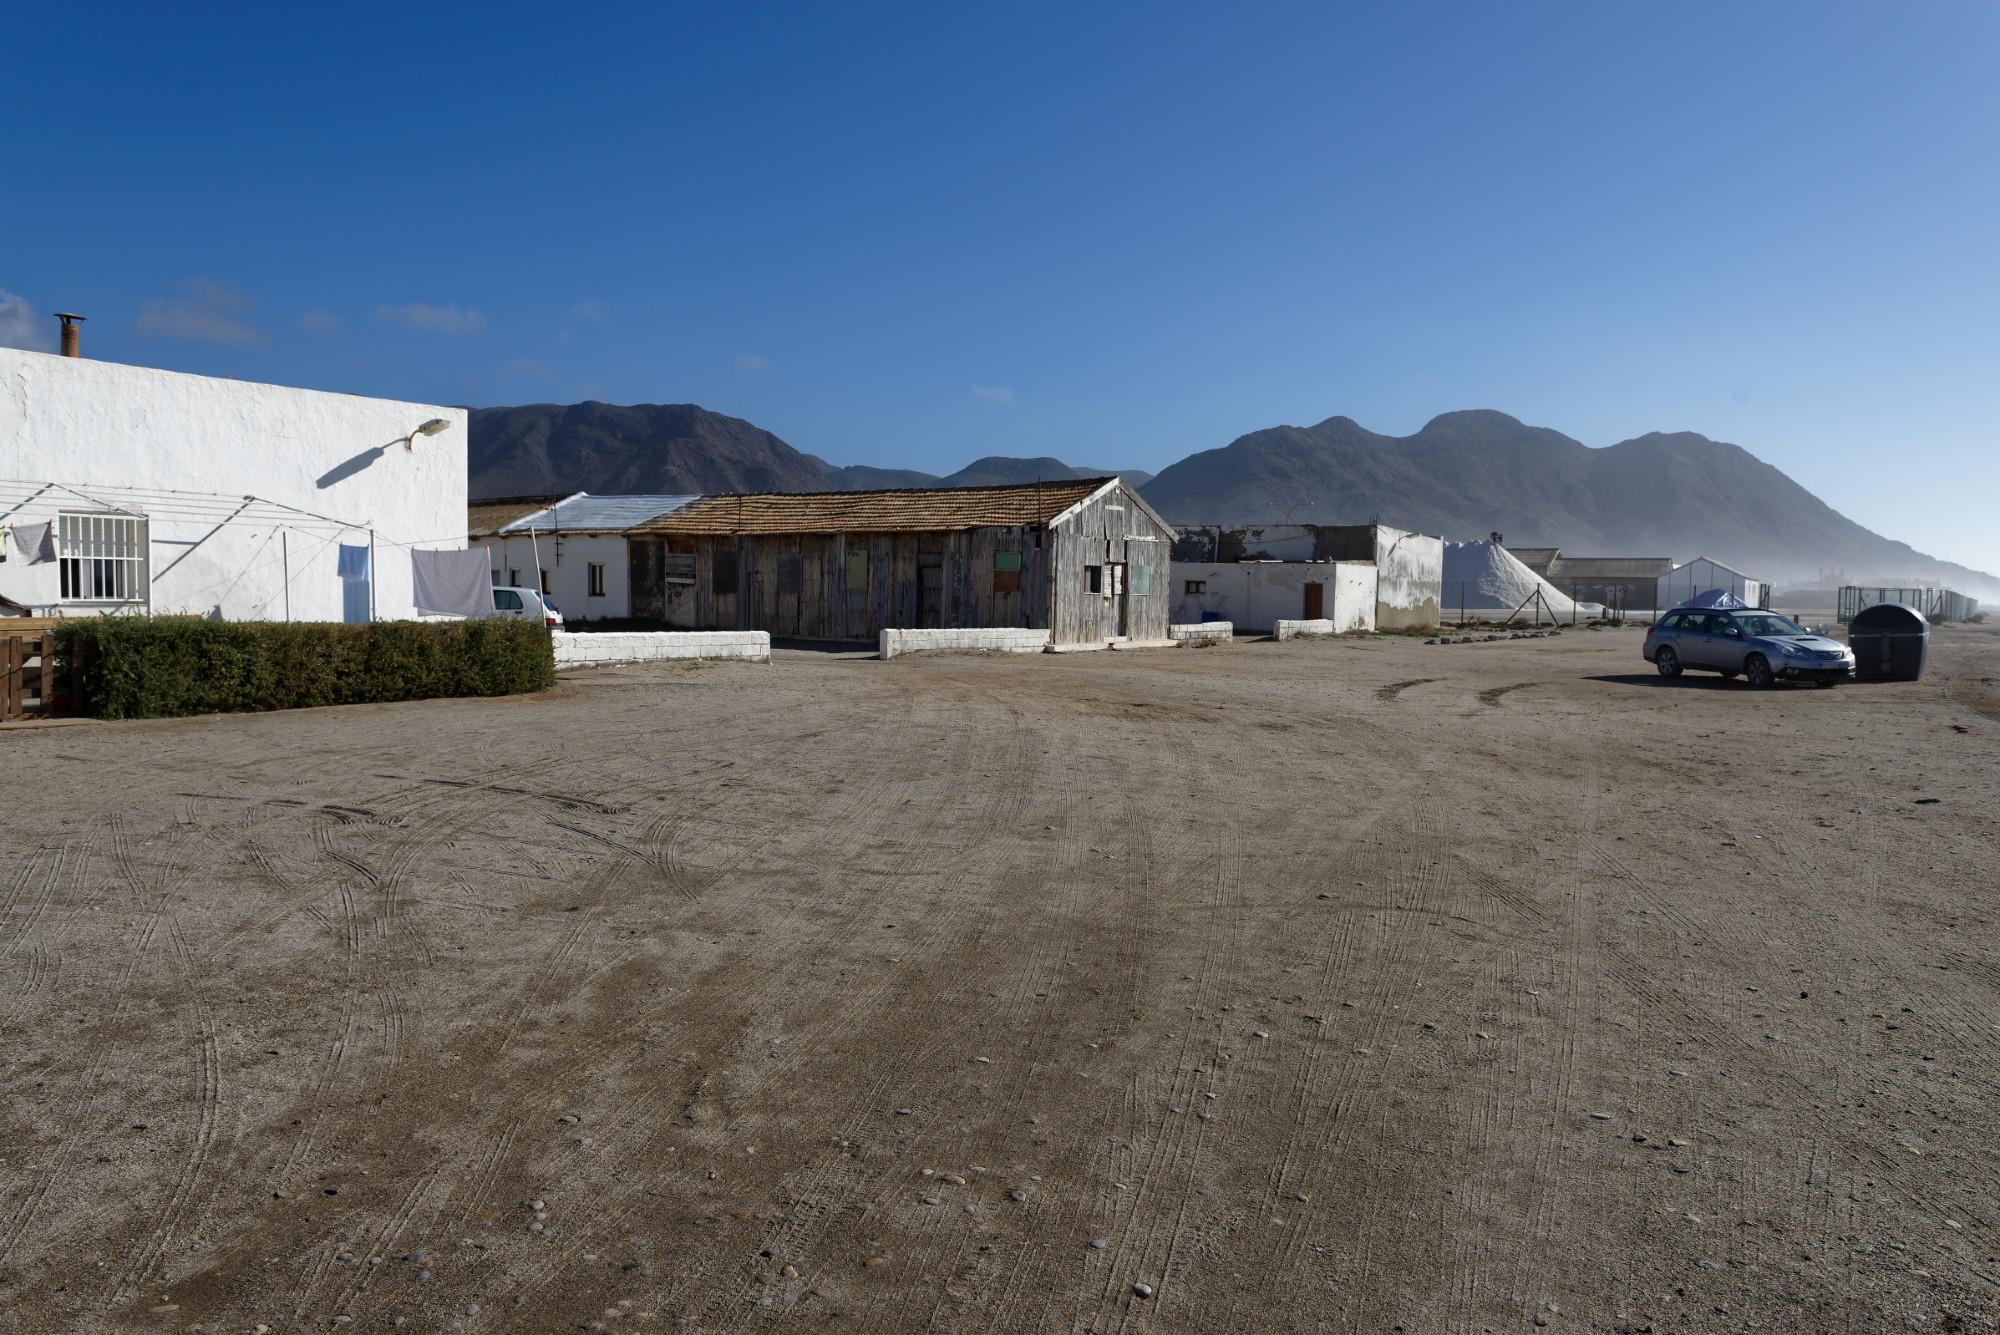 171215-La Almadraba de Montelava (Cabo de Gata - Andalousie) (17)